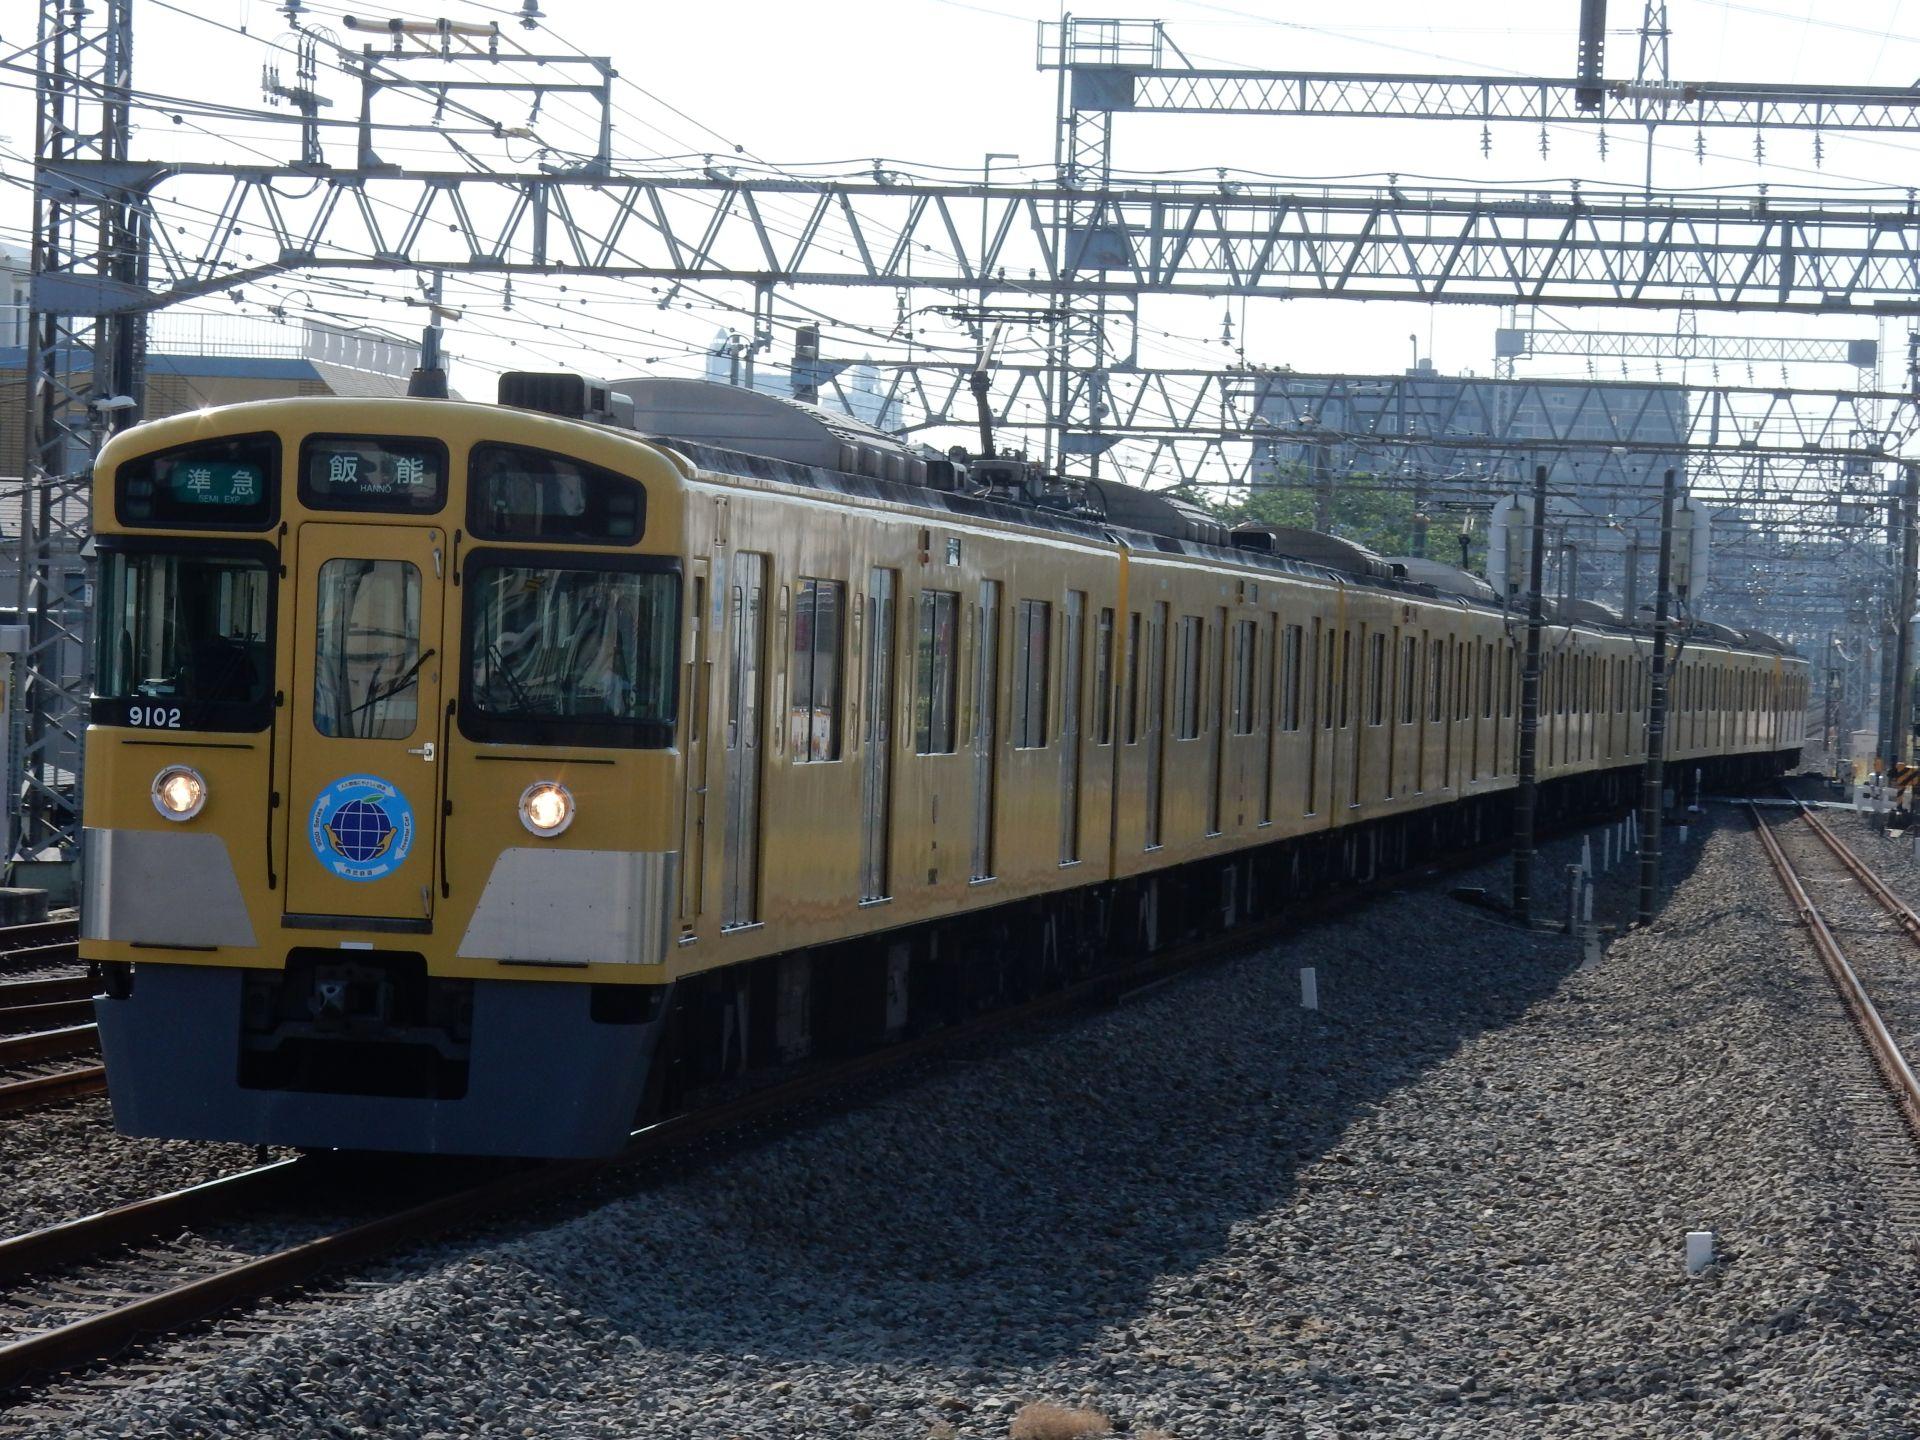 DSCN0413 - コピー